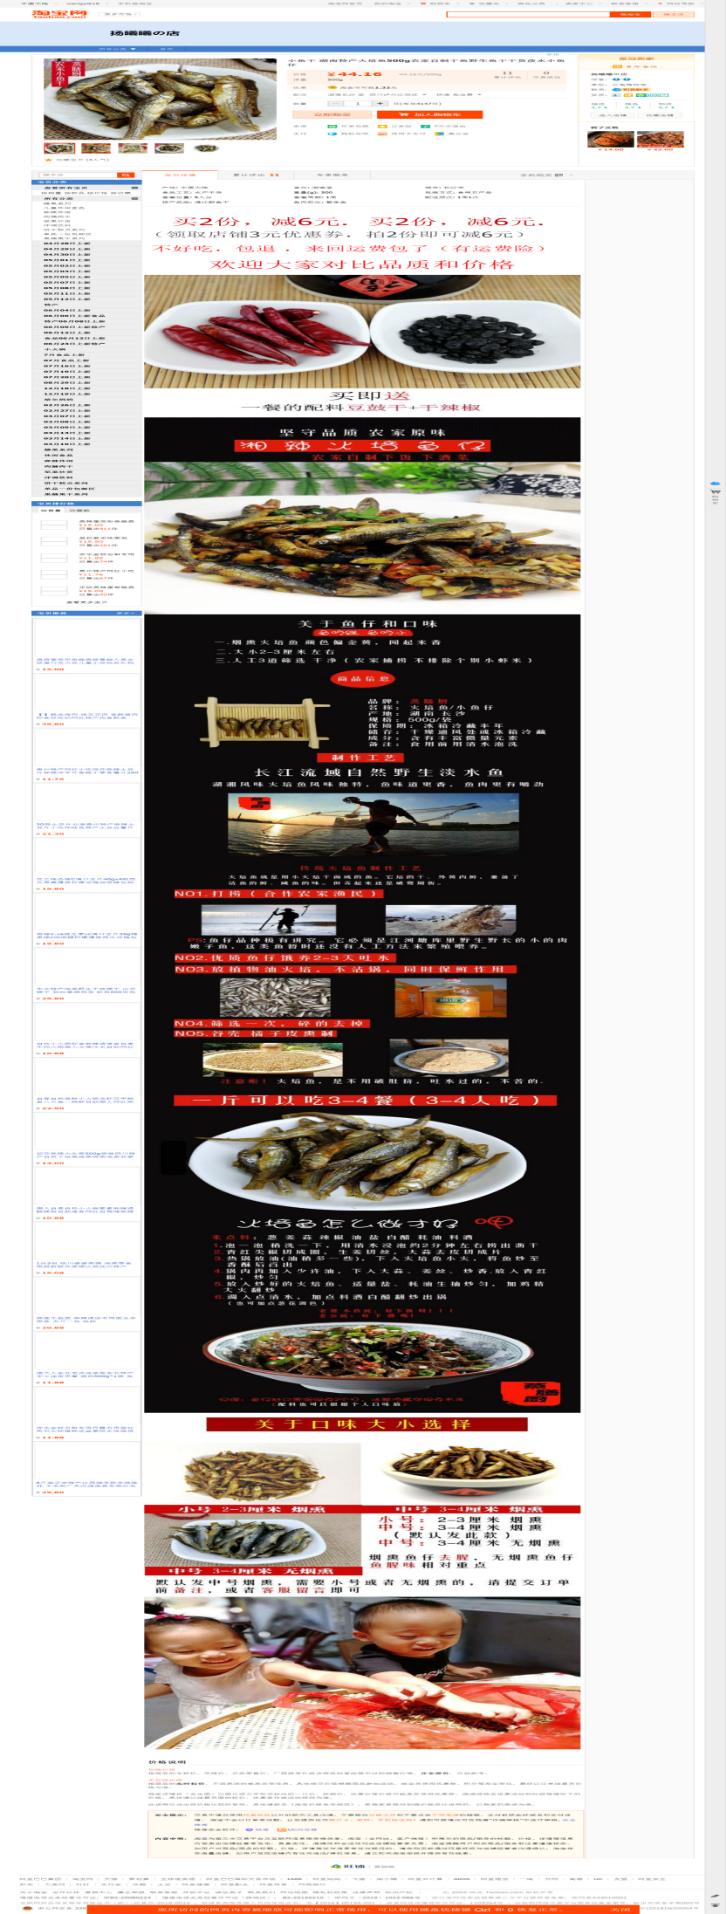 泸州市市场监管局从网上监测到的违法广告